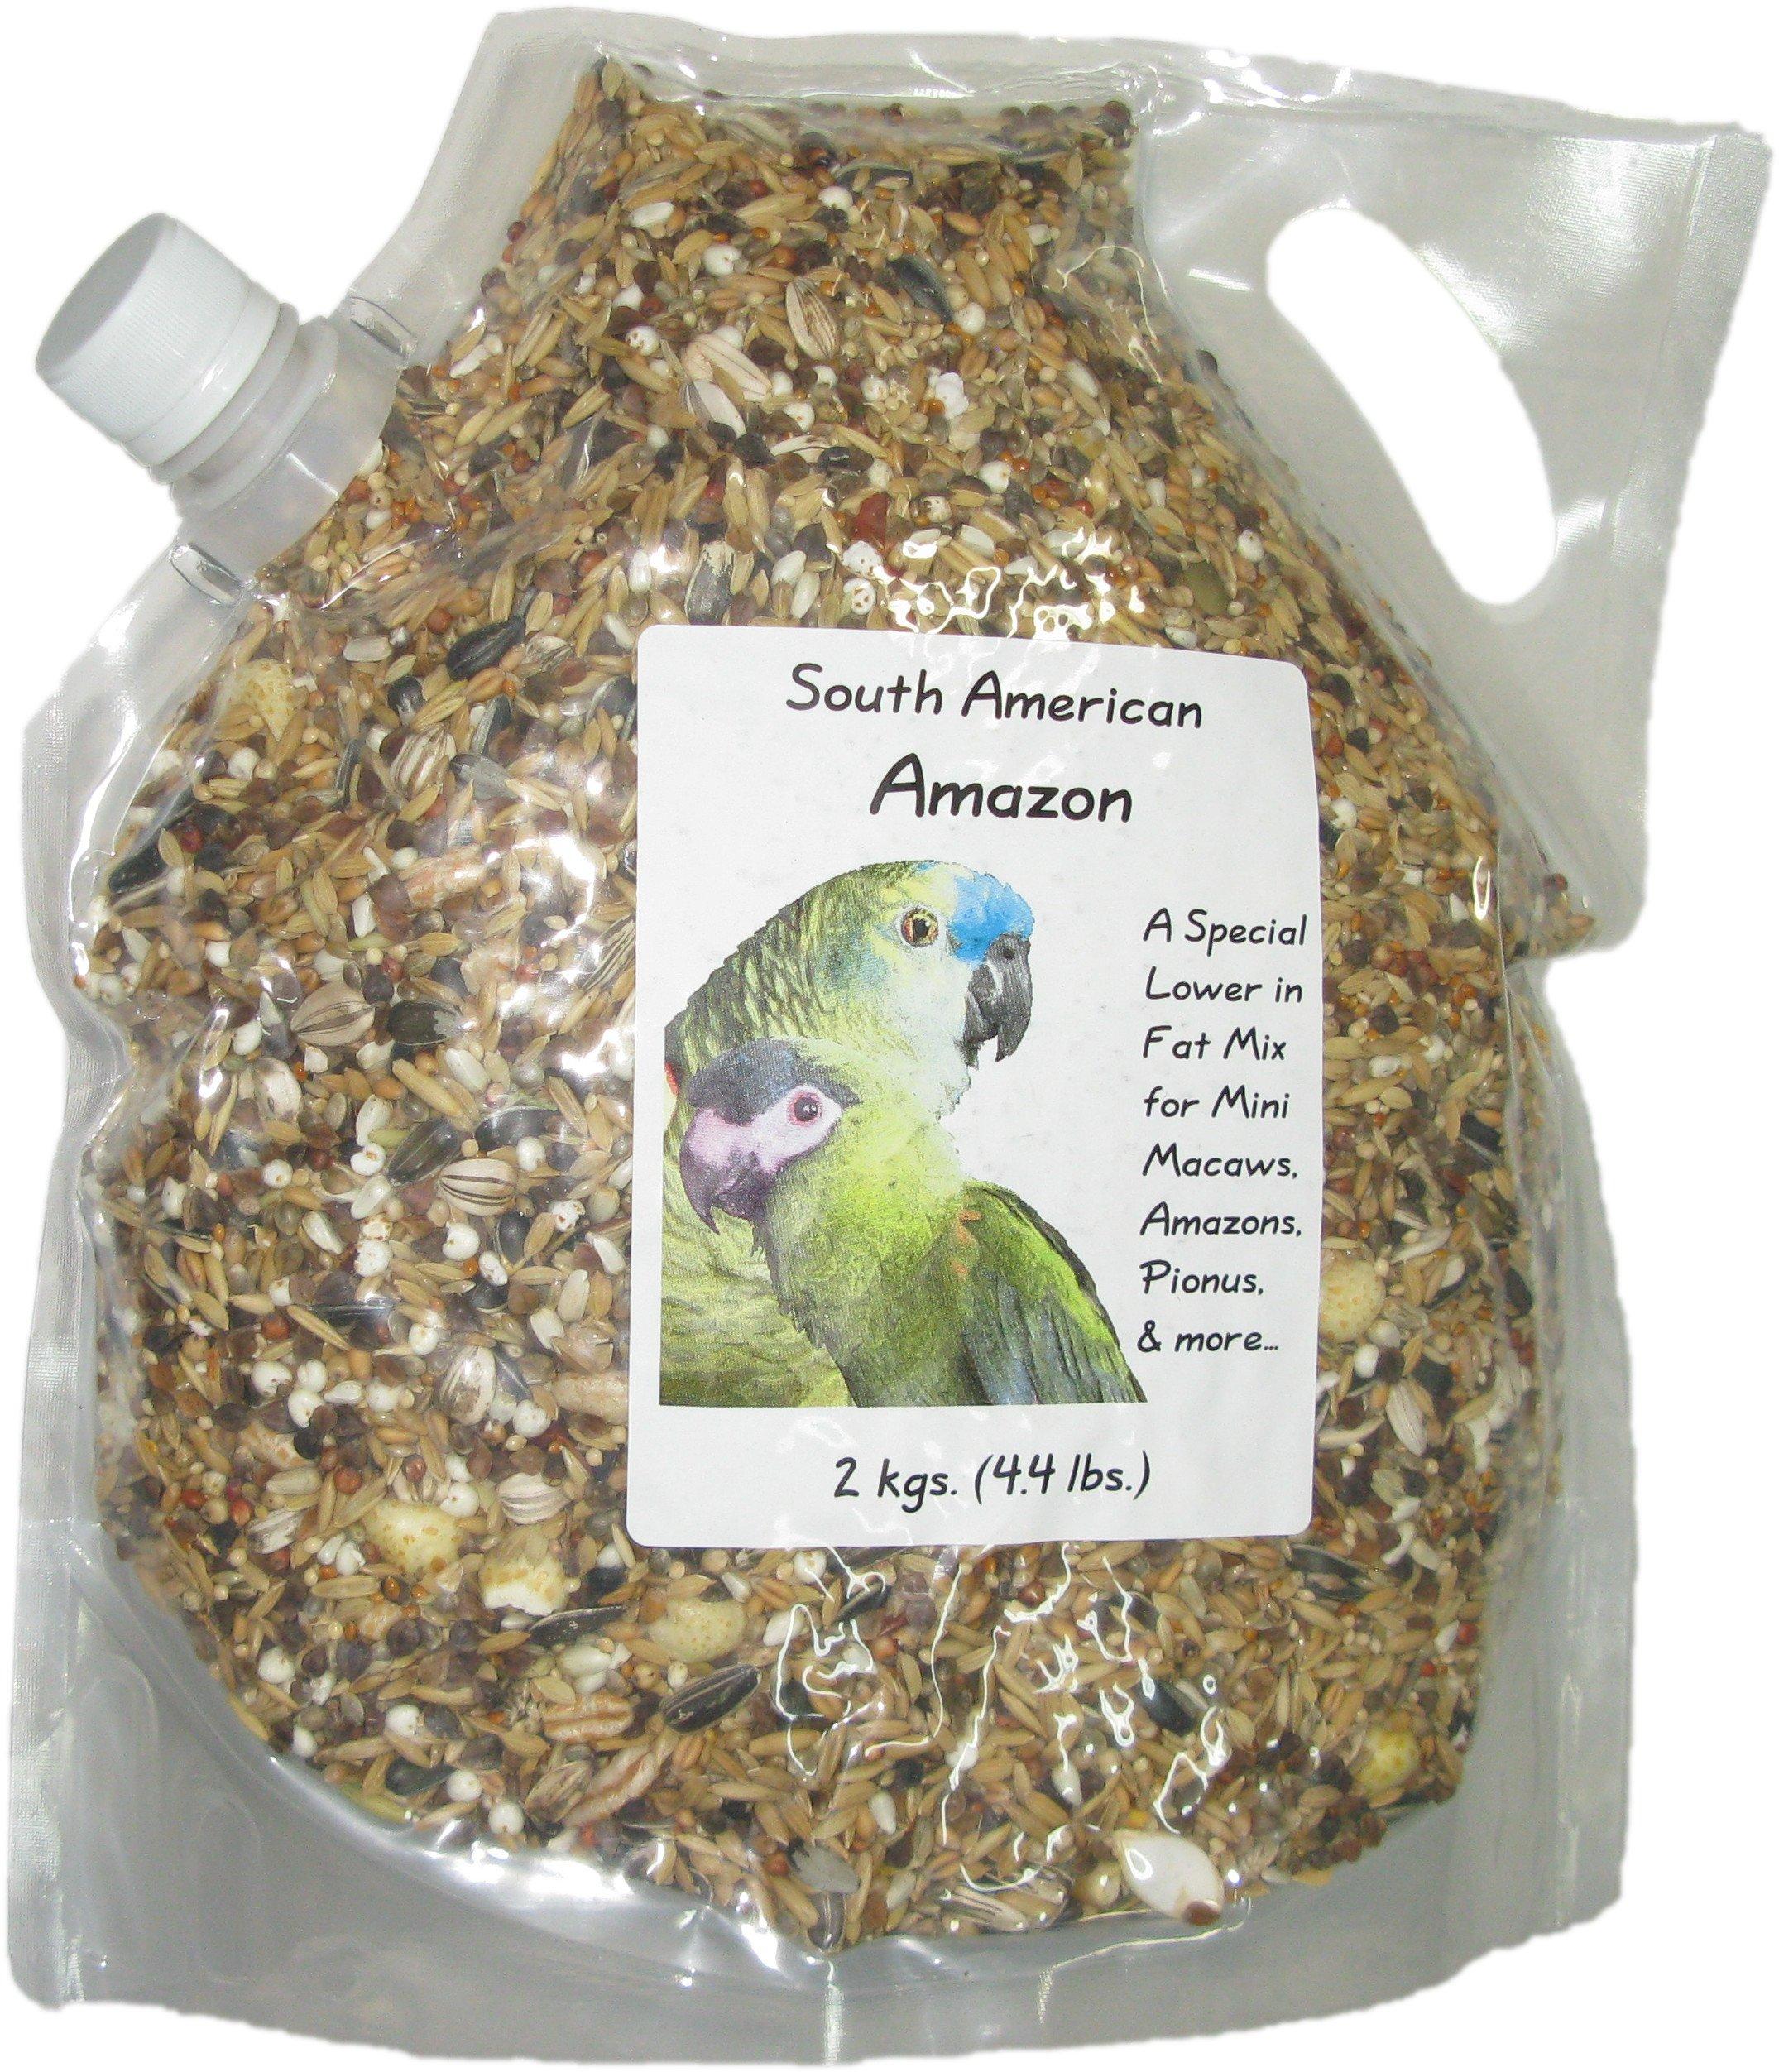 Penn Seed Amazon Parrot, 2 kg (4.4 lbs) Pour Spout Bag by Penn Seed